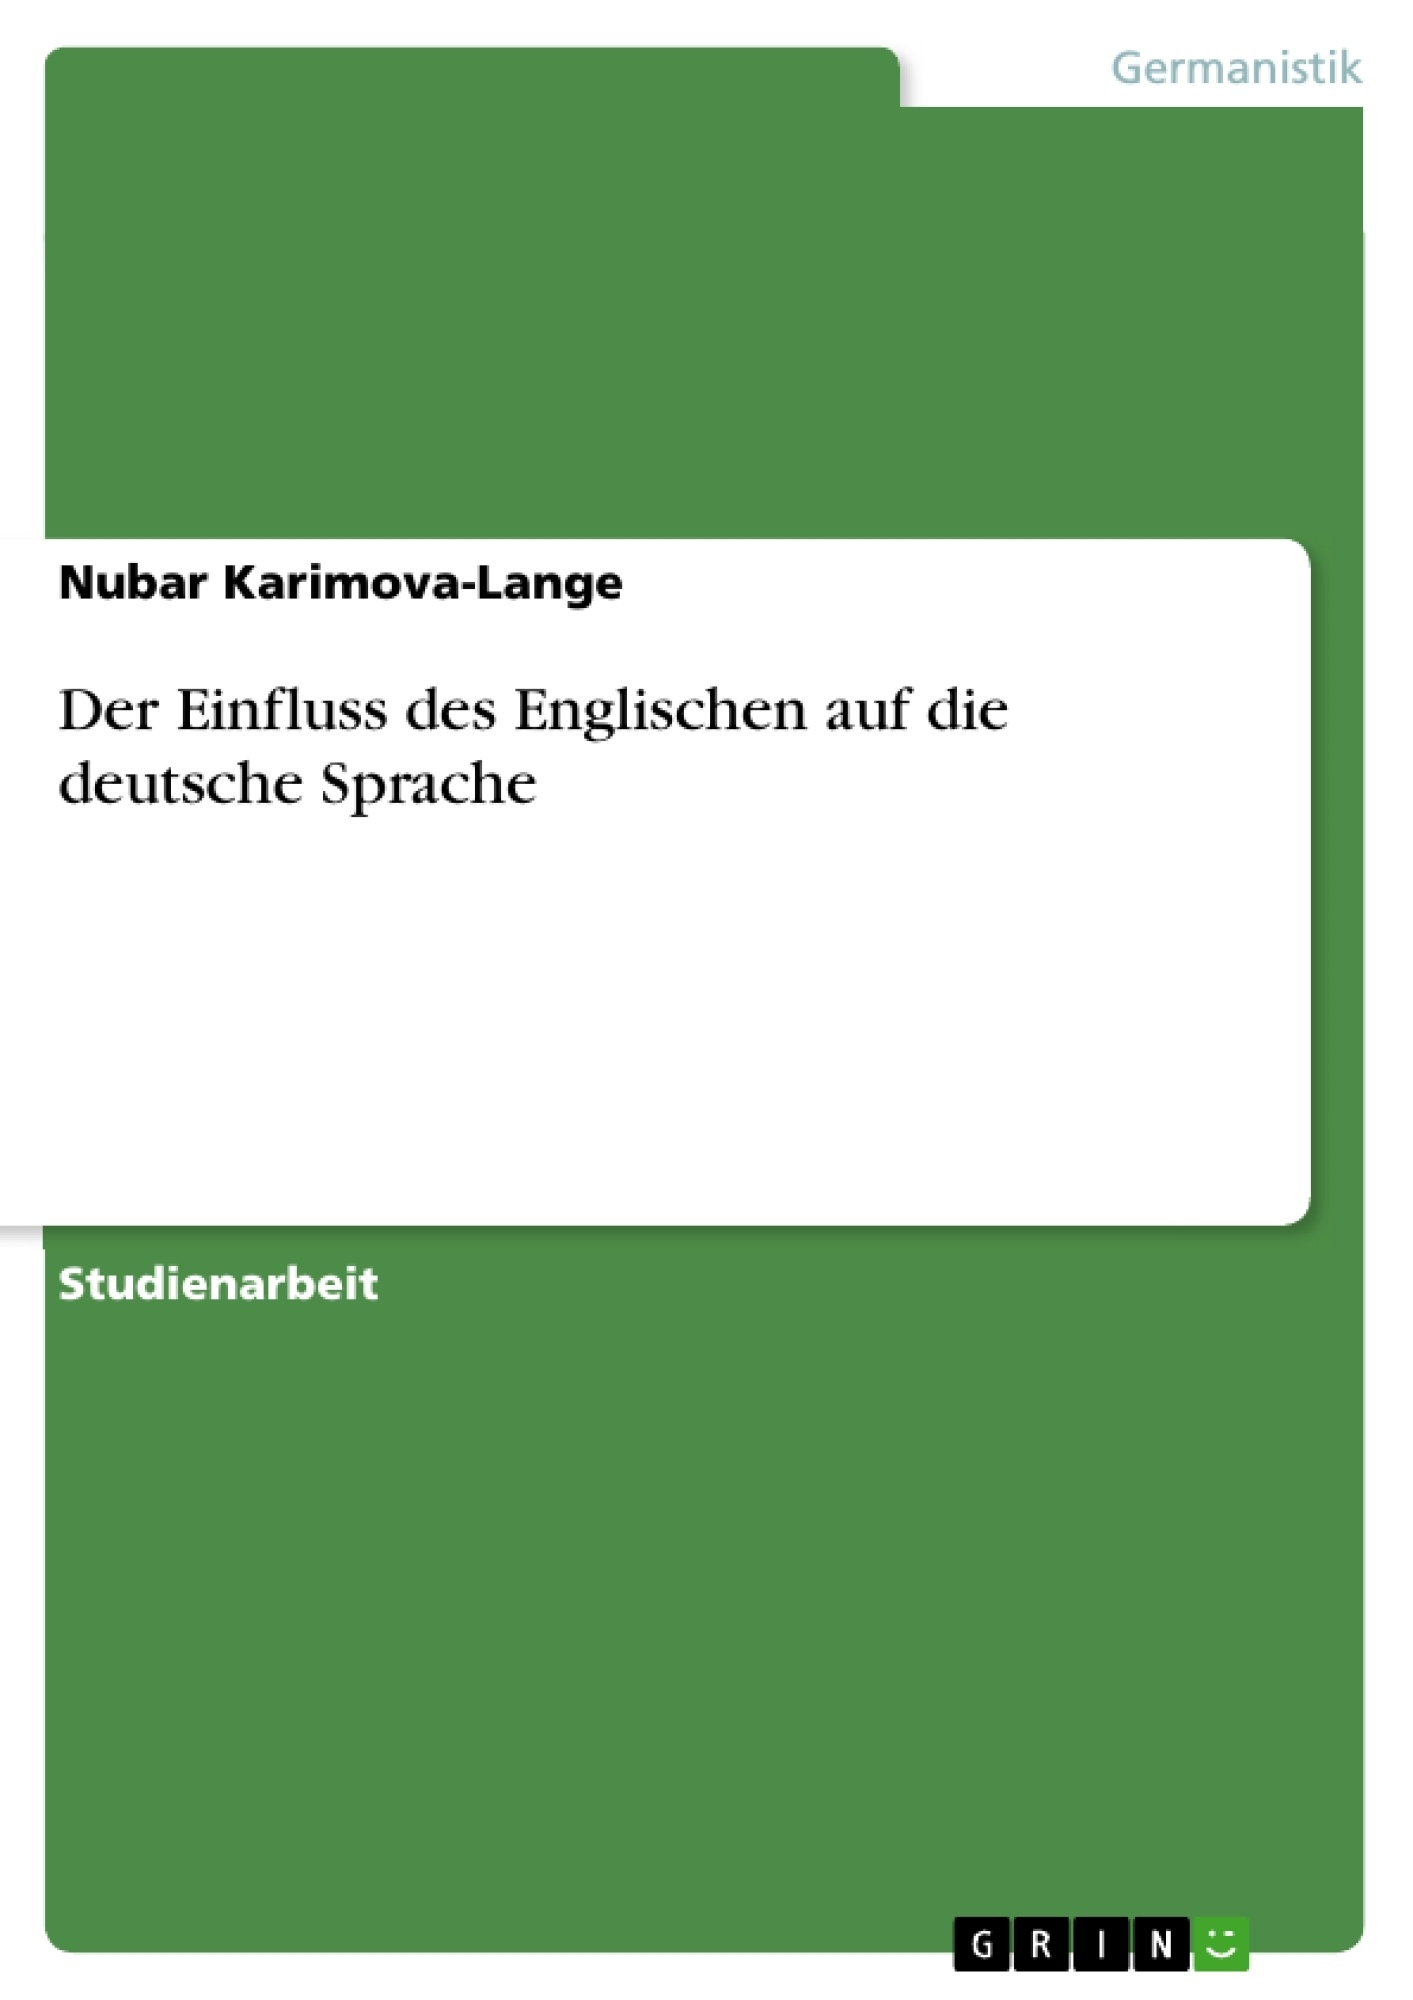 Titel: Der Einfluss des Englischen auf die deutsche Sprache